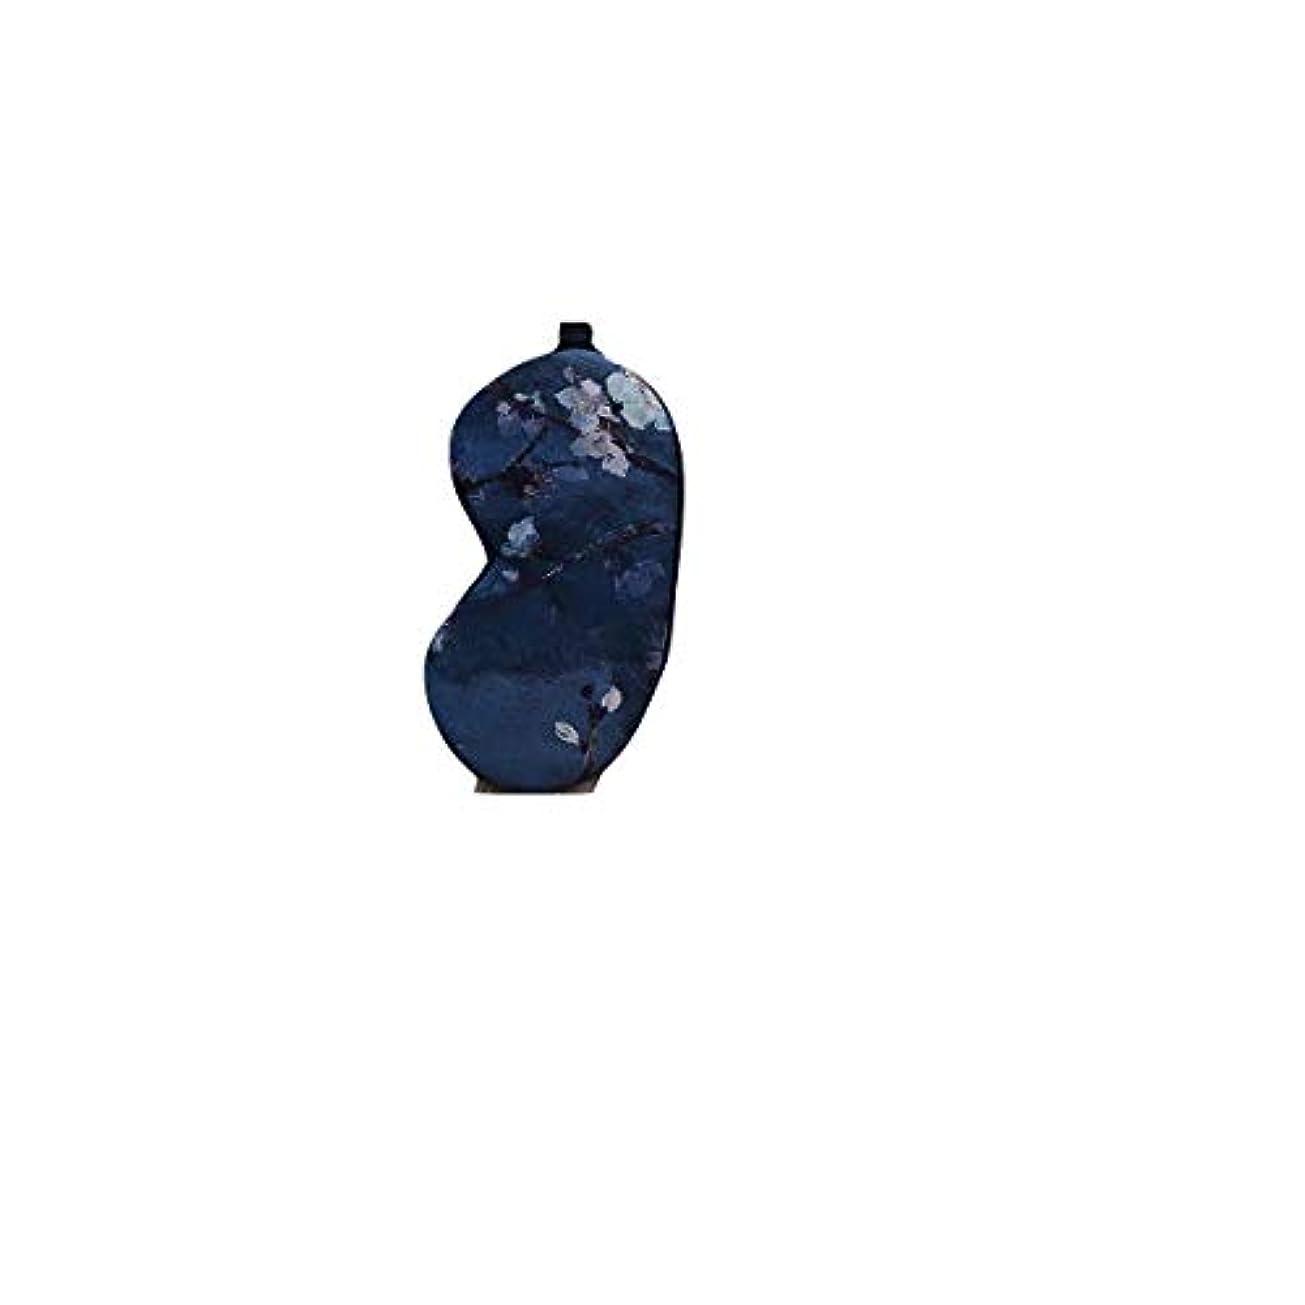 音節芸術的肉のシルクアイマスクは、目の疲れダークサークルを緩和することができます、女性モデルの睡眠シェーディング学生通気性の目の保護、加熱と加熱 (Color : Blue)